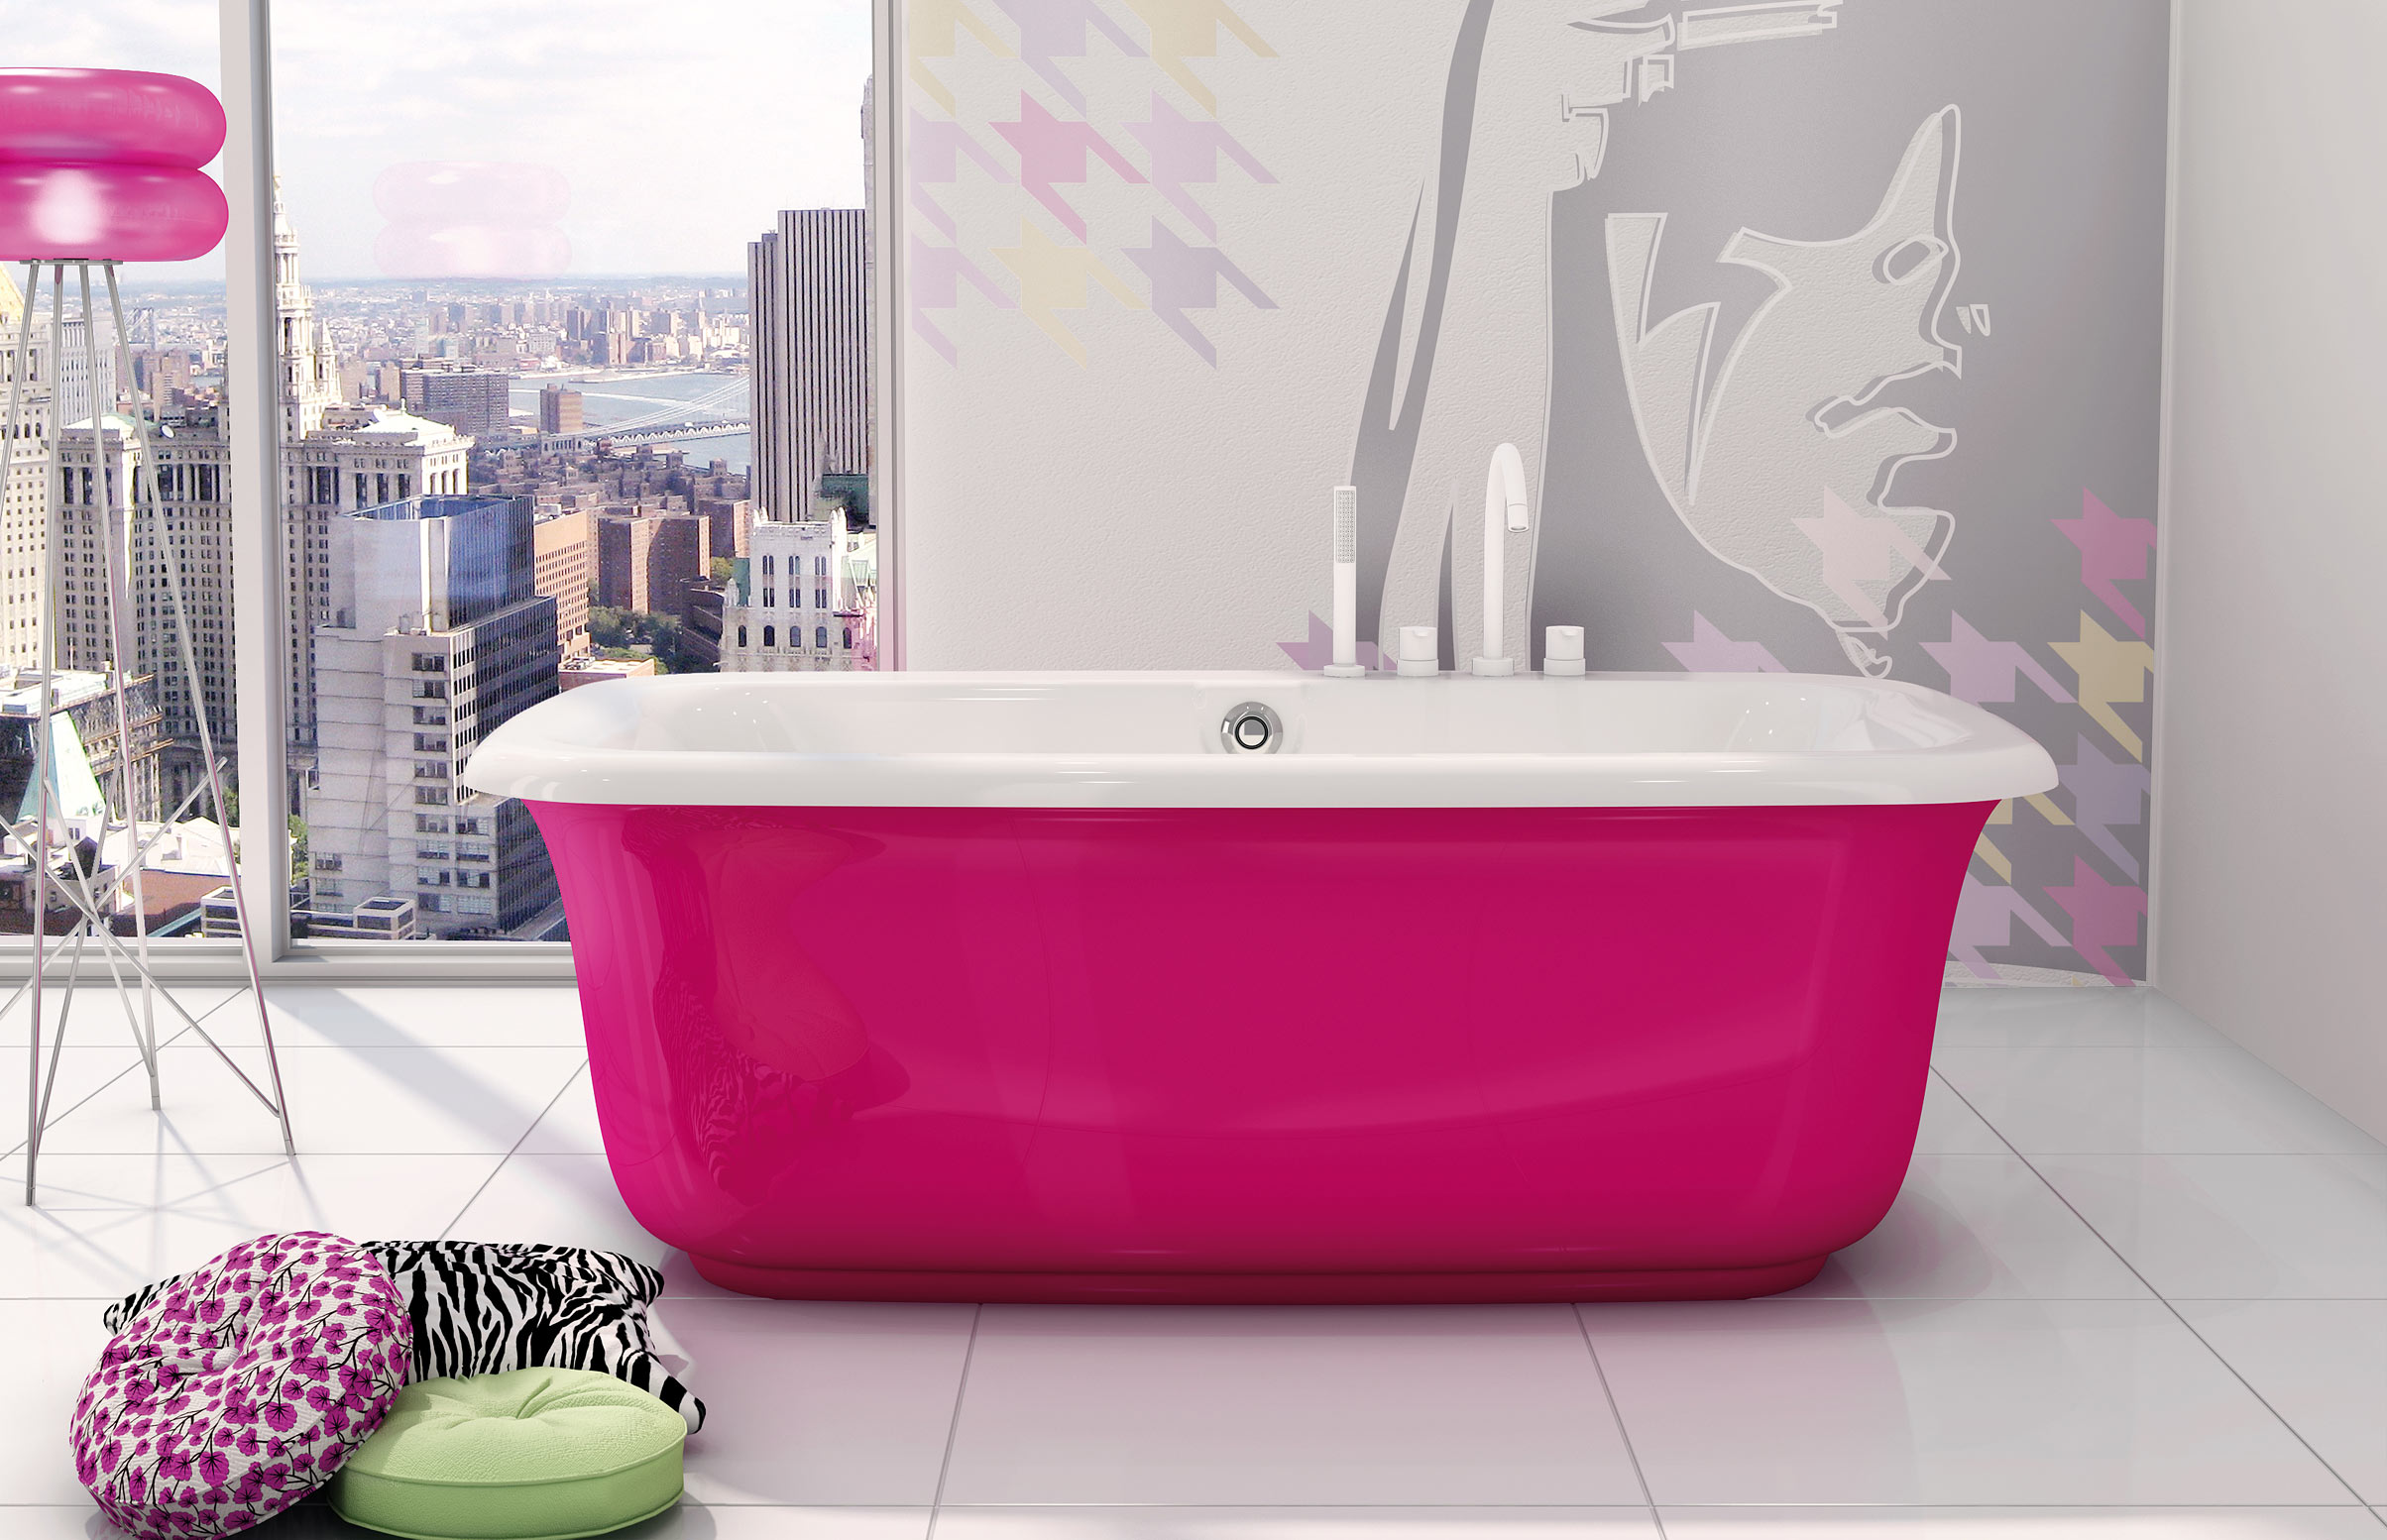 紅色獨立浴缸放置在白色磁磚地板上